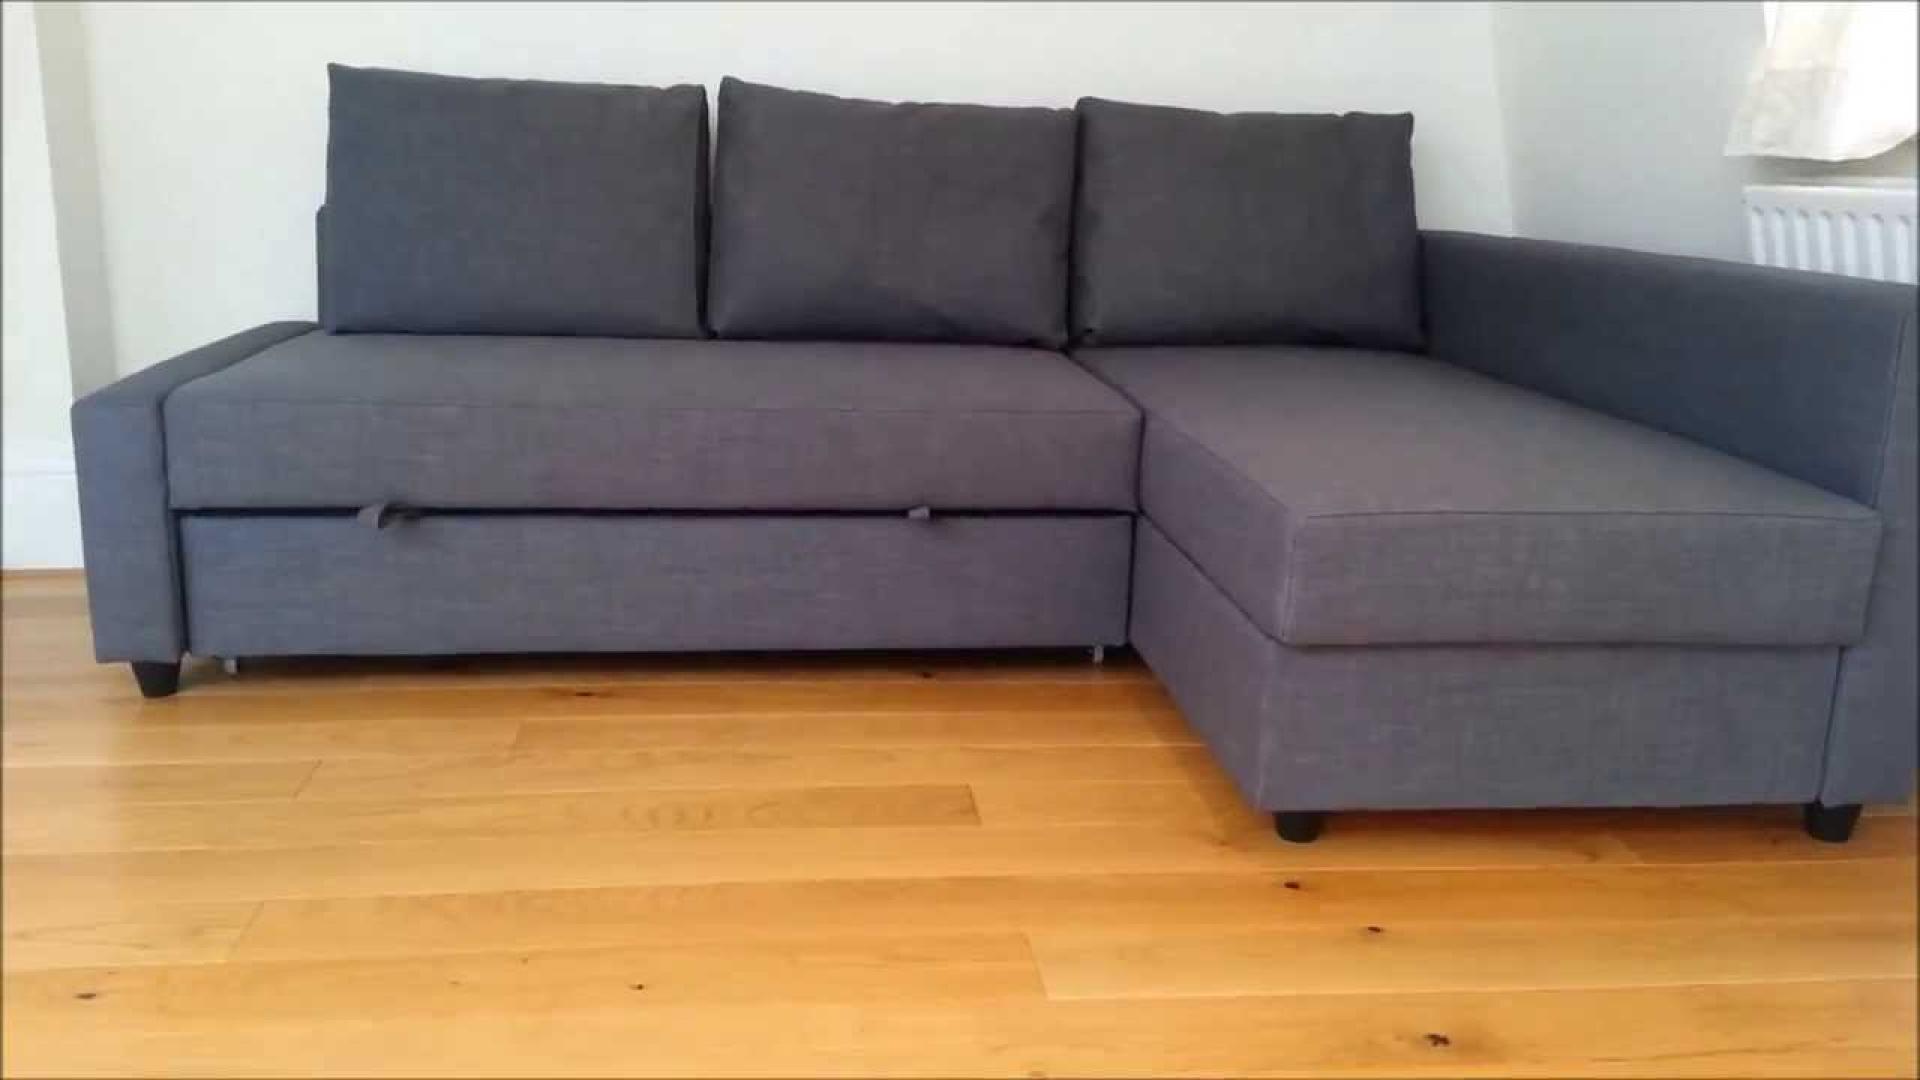 Canape Lit Gris Ikea Maison Mobilier Jardin